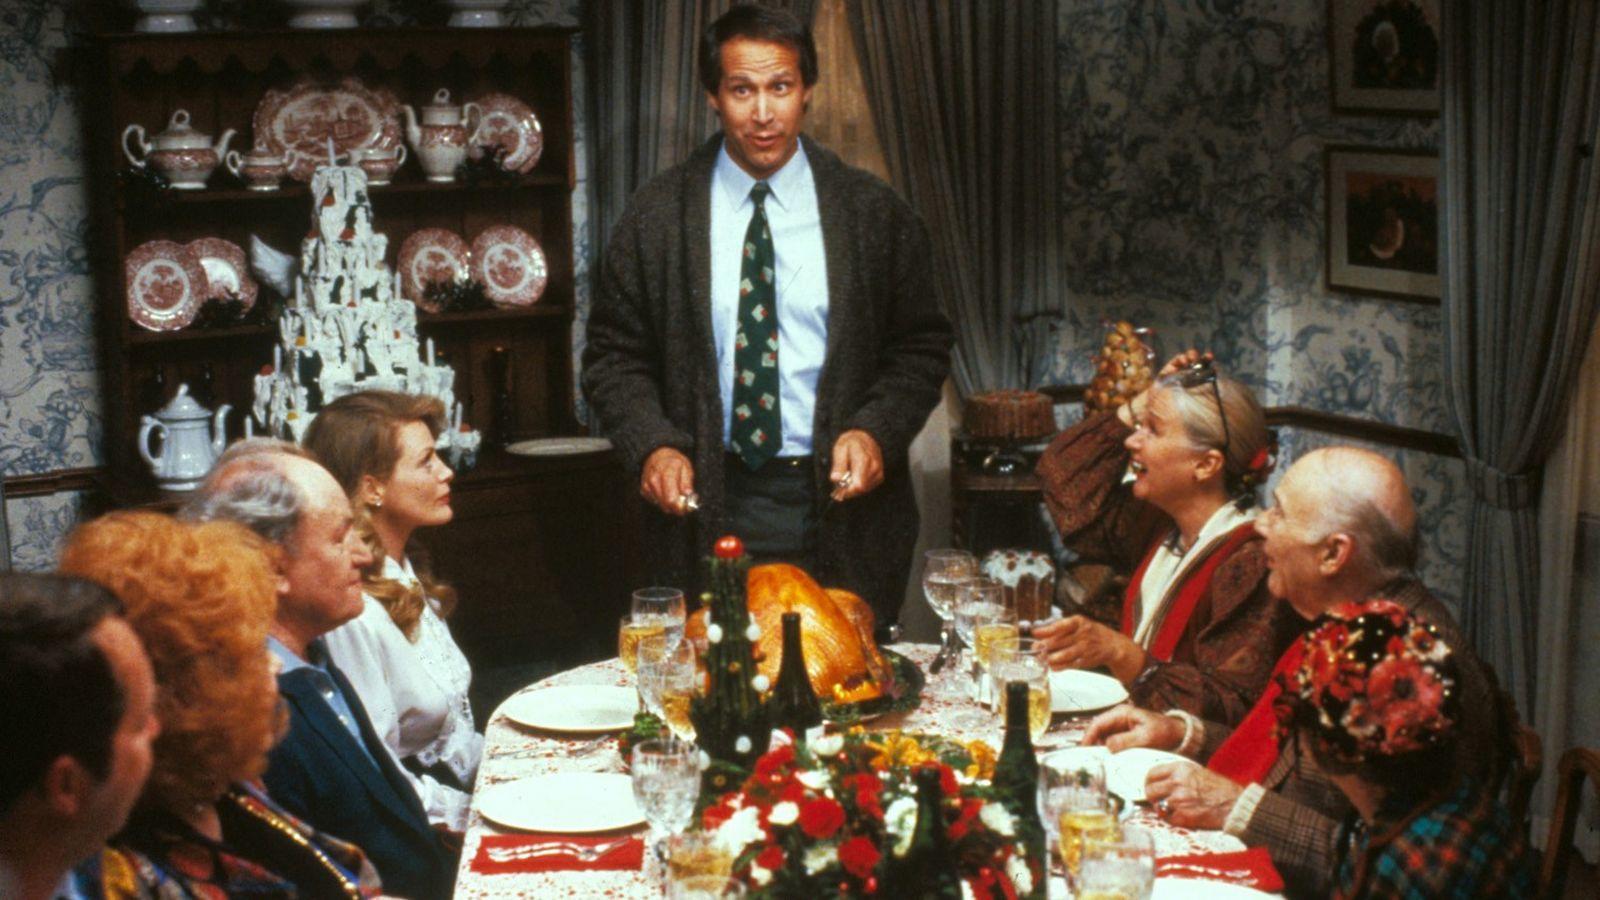 Filmes De Comedia Dos Anos 80 within 22 filmes para assistir no natal ( ou em qualquer época do ano